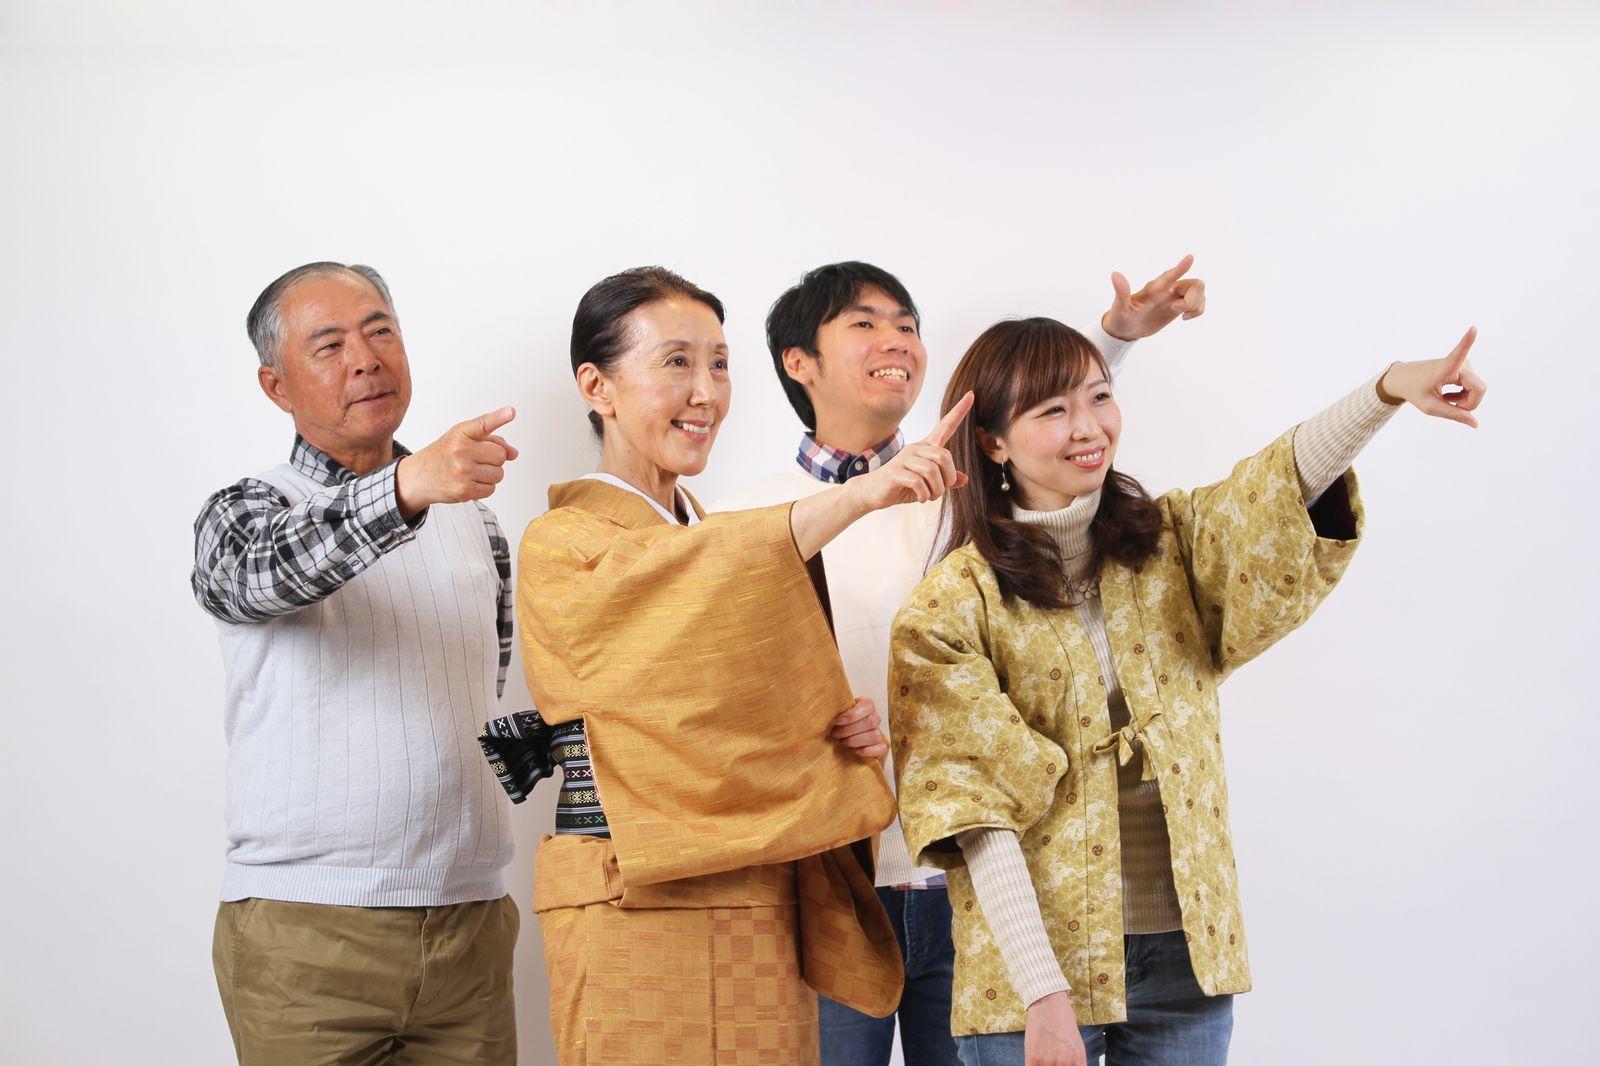 [01]道を聞かれた時の指差し練習をする家族。,シニア,写真,画像,素材,老人,高齢者,フリー